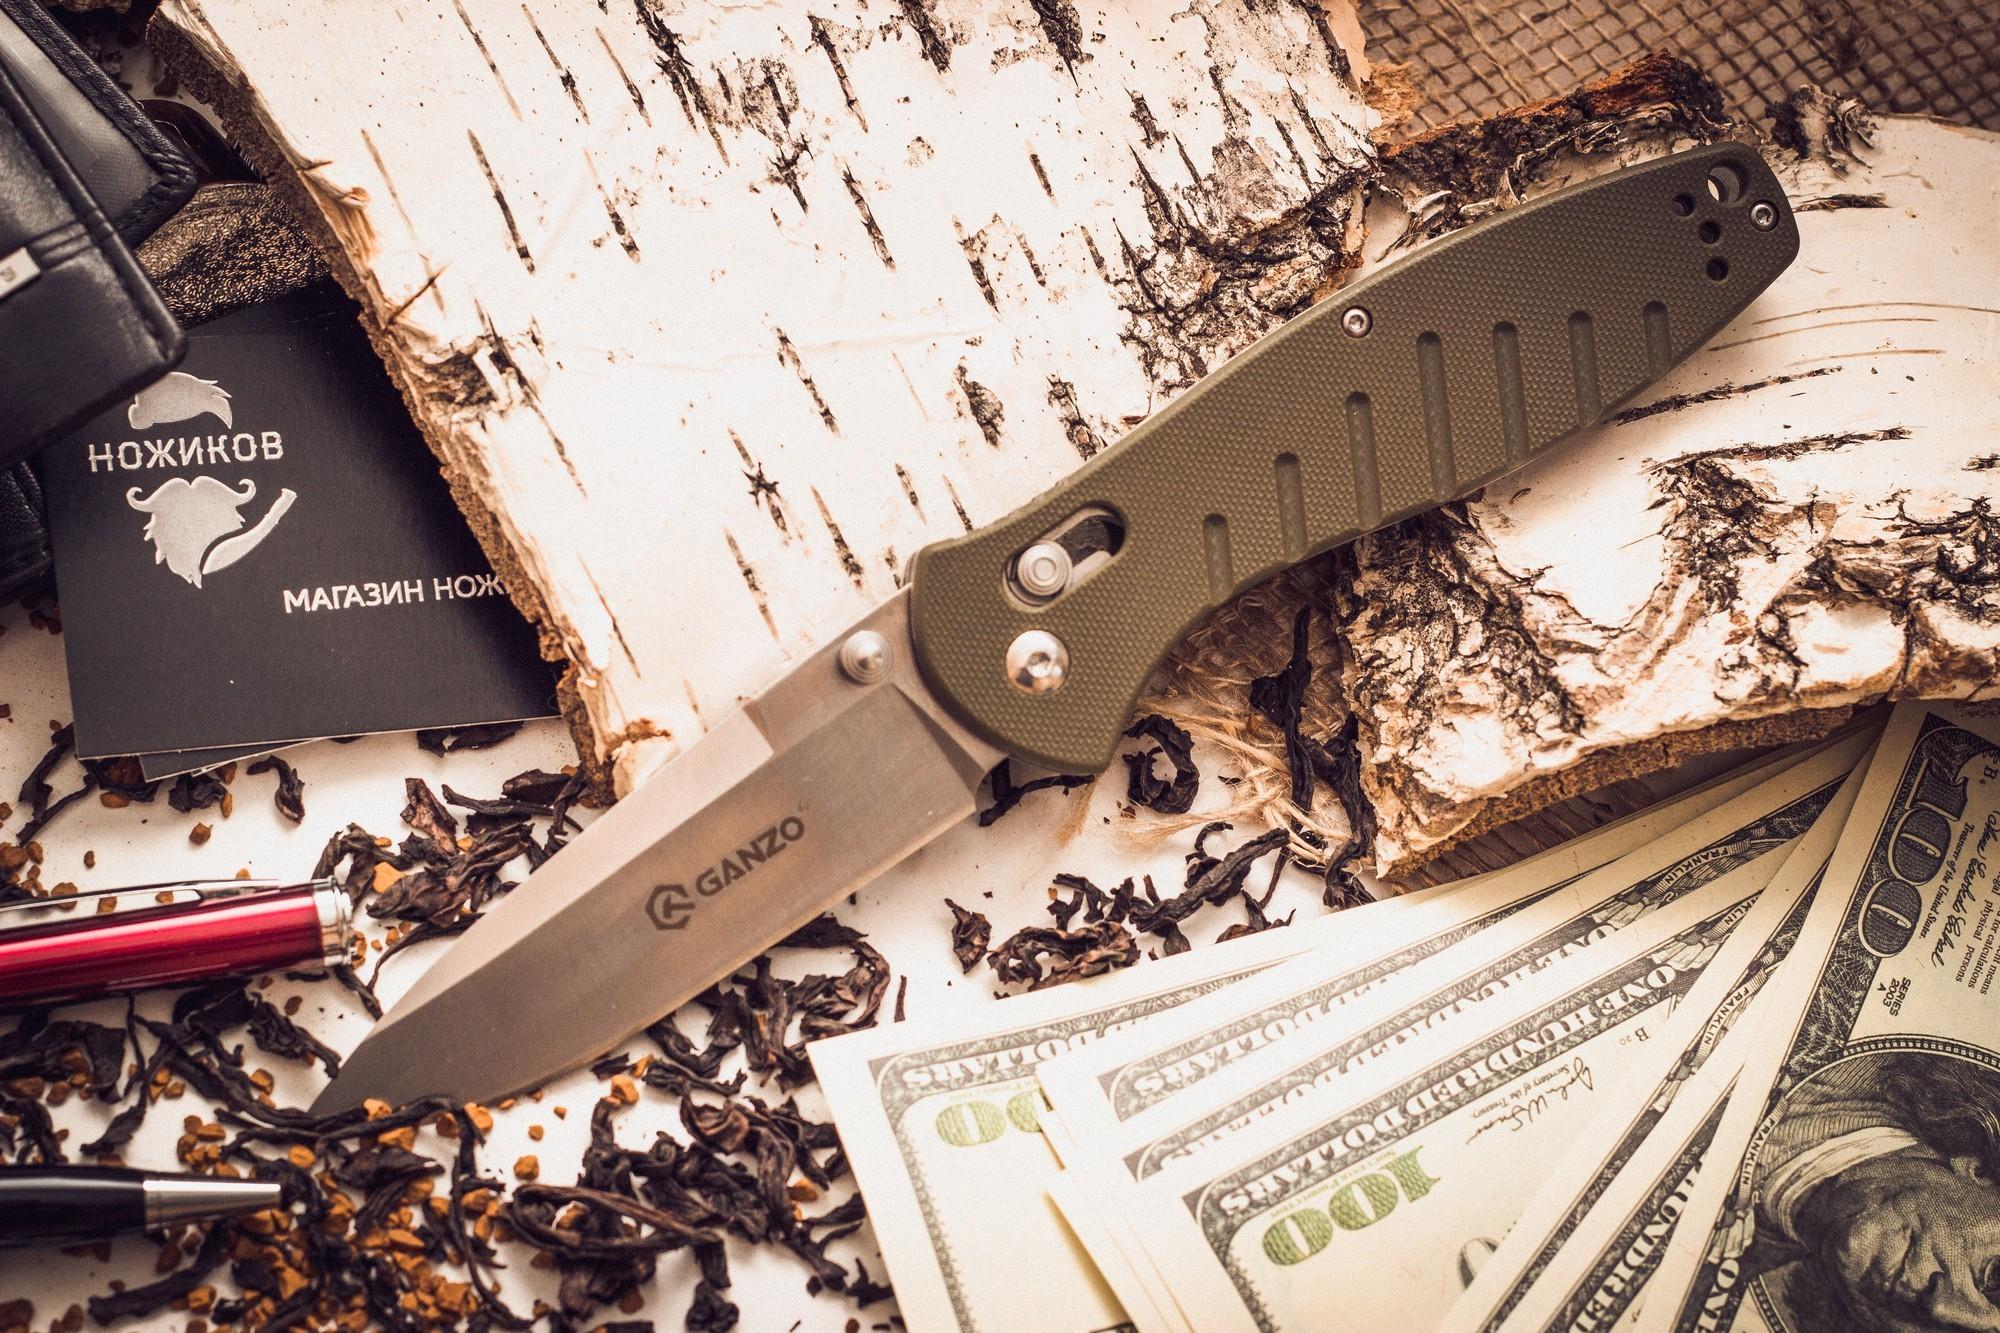 Складной нож Ganzo G738, зеленыйРаскладные ножи<br>Чтобы выдержать эксплуатацию в таких жестких условиях, какие предполагает отдых на природе, нож должен быть собран из самых качественных комплектующих. Так, клинок Ganzo G738 выпущен из нержавейки, которая нашла широкое применение в этой отрасли. Марка 440С содержит в составе целый ряд легирующих добавок, которые позволяют улучшить ее свойства, повысить стойкость к ржавлению и способность оставаться остро заточенной. Геометрия клинка грамотно продумана. Это drop point с пониженной линией обуха. Острие клинка немного приподнято, за счет чего режущая кромка фактически удлиняется. Заточка ножа ровная и ее легко подновить, используя самую обычную карманную точилку. Что касается габаритов клинка, то это длина 8,9 см, позволяющая легко использовать нож для чистки рыбы, приготовления бутербродов, и толщина 3,3 мм.<br>В каждом из крайних положений (открытый и сложенный нож) лезвие хорошо фиксируется. Этому способствует использование замка Axis-Lock. В нем применяется небольшой металлический штифт, который и определяет положение клинка. Разблокировать такой замок можно даже одной рукой, что является несомненным преимуществом для туристов и охотников.<br>